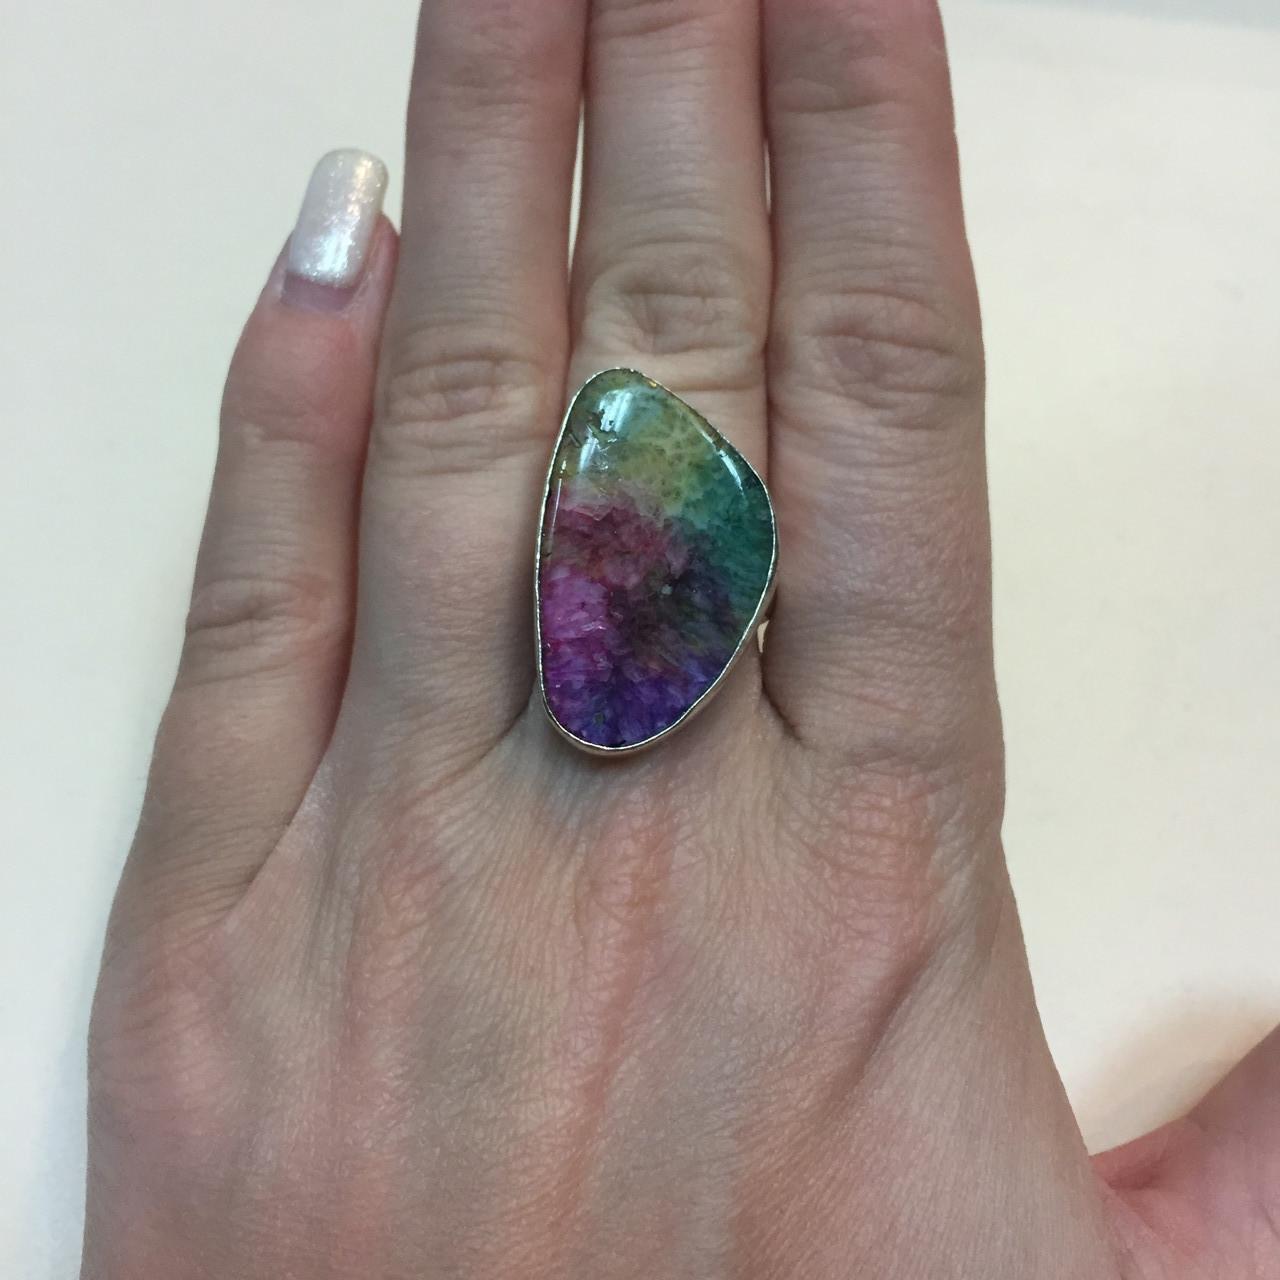 Солнечный кварц радужный кольцо с натуральным радужным кварцем в серебре 17,5-18 размер Индия